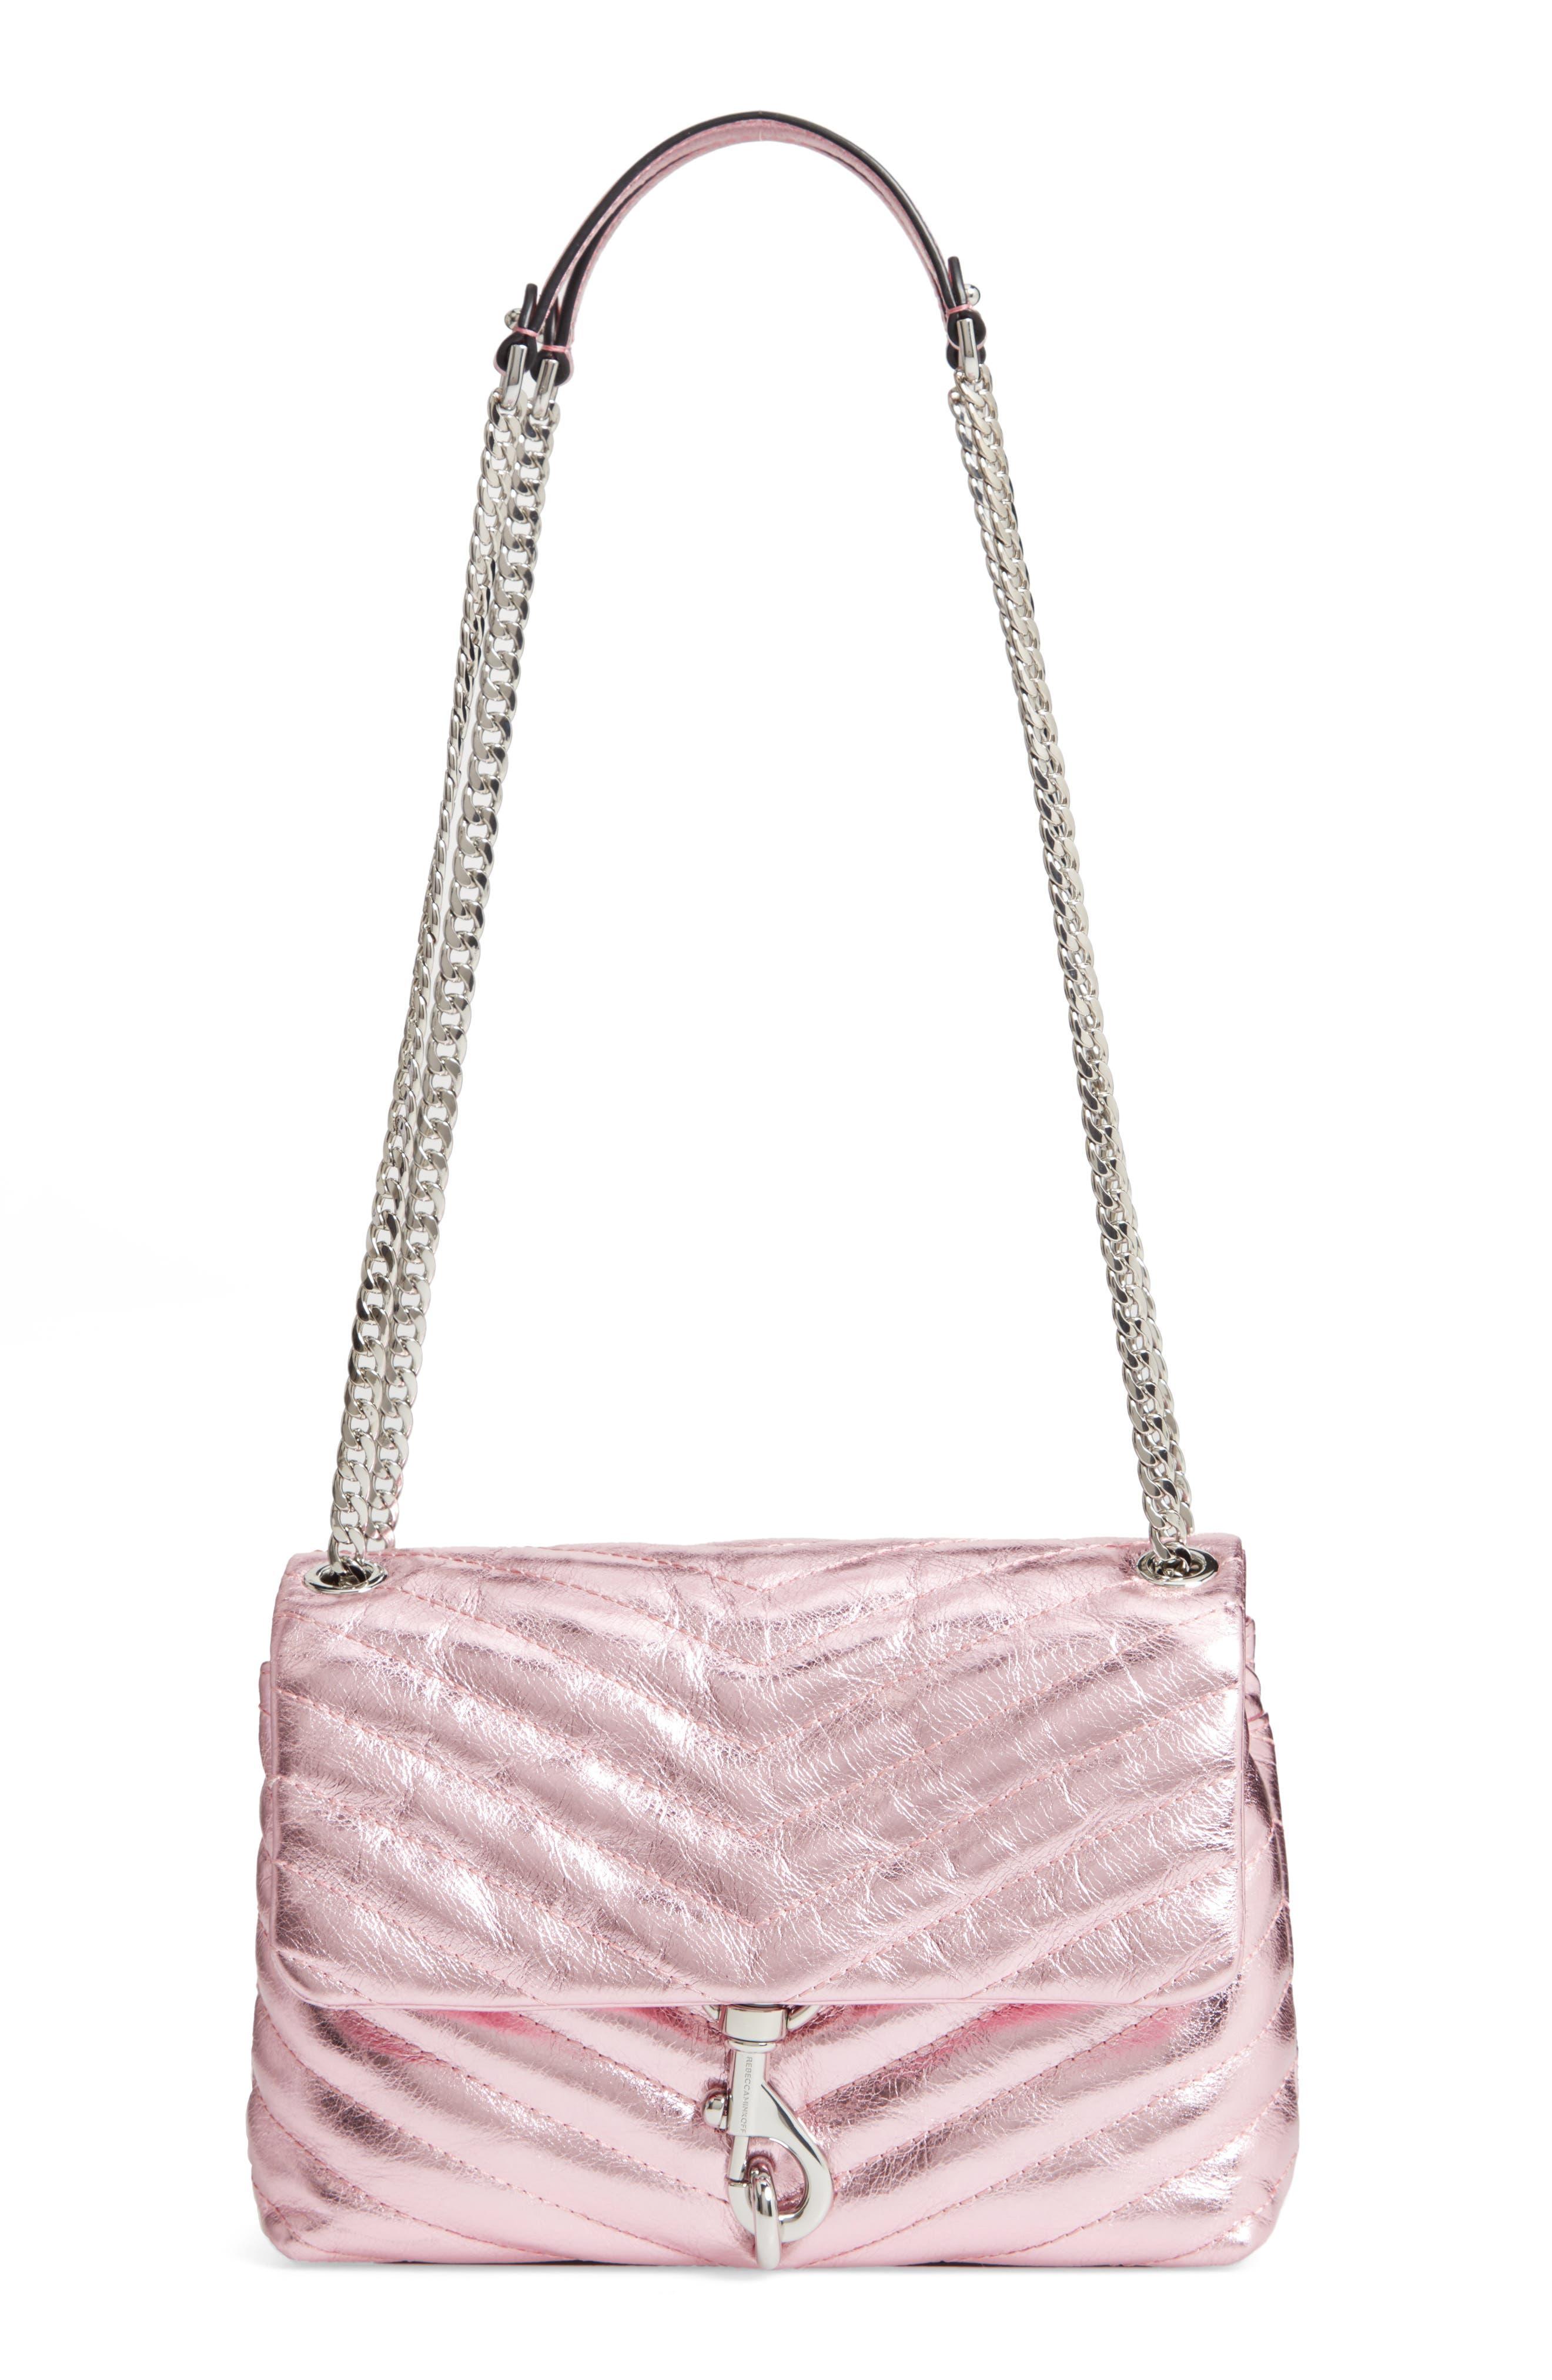 Edie Metallic Leather Shoulder Bag - Pink